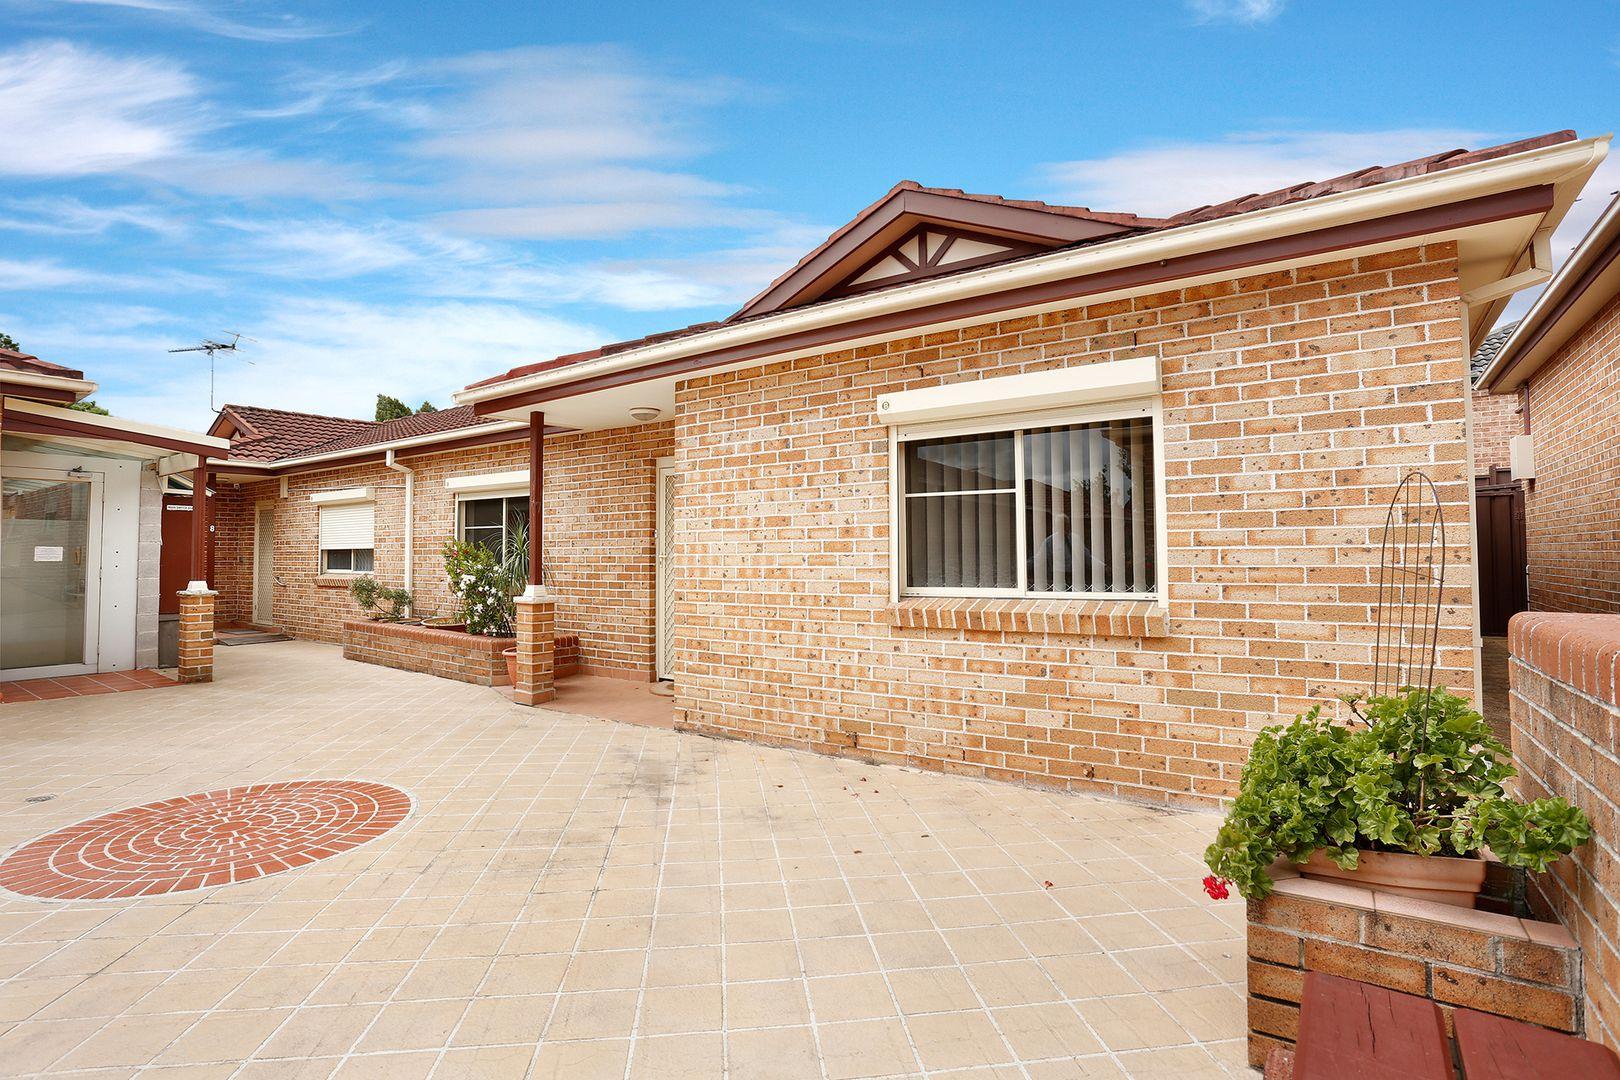 7/110 Penshurst Street, Penshurst NSW 2222, Image 0